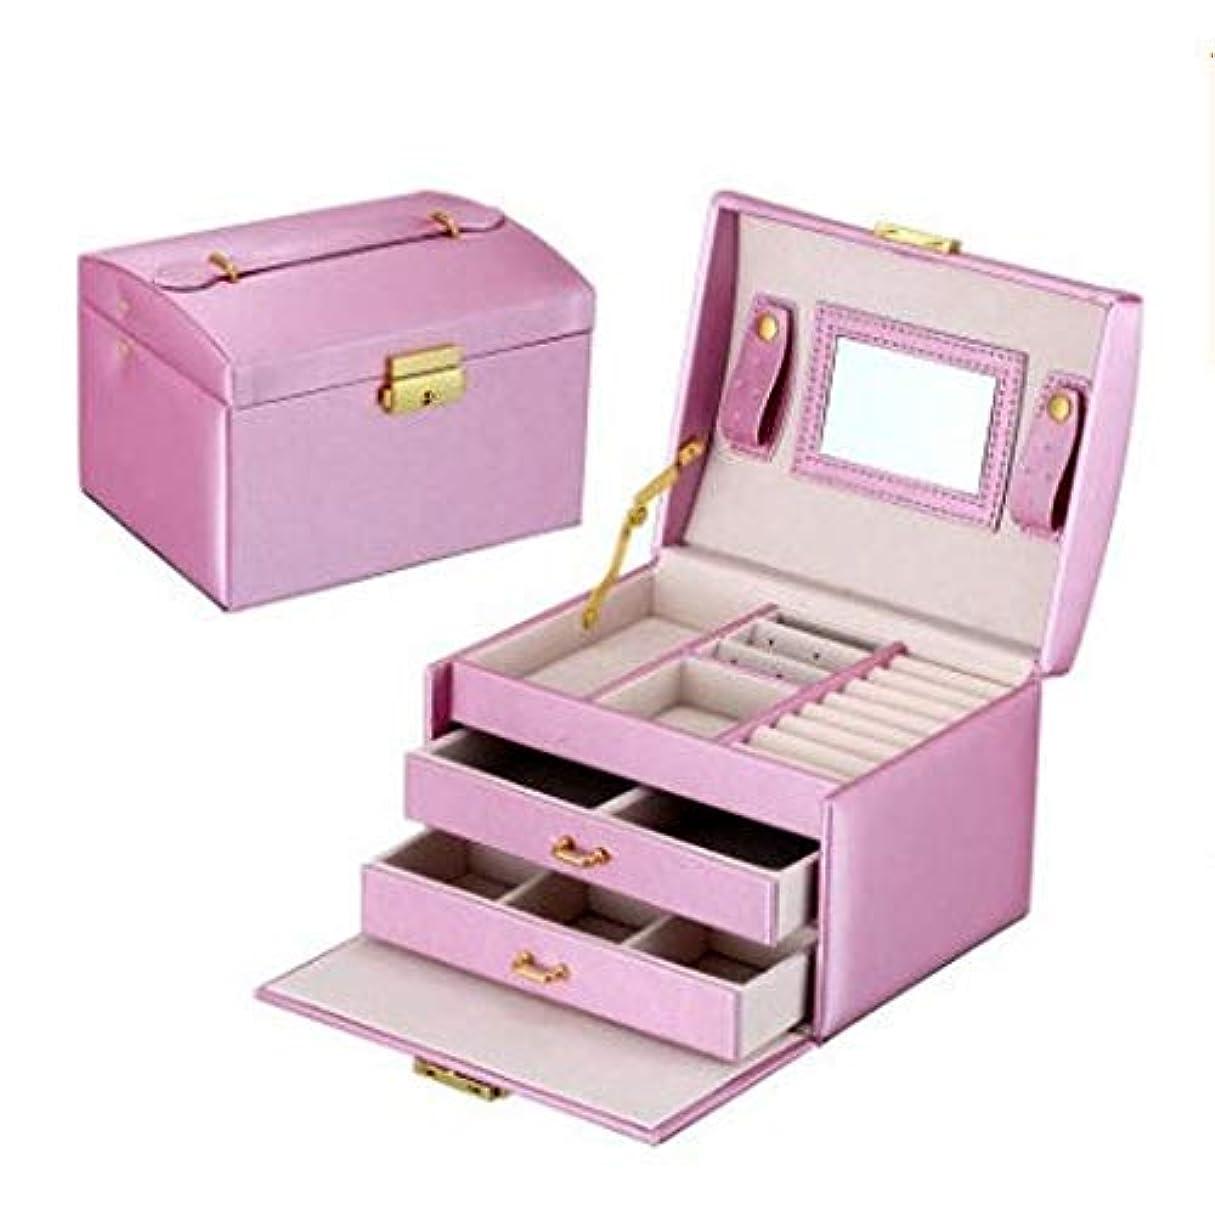 プット広範囲にプロフィール特大スペース収納ビューティーボックス 大型人工皮革トラベルジュエリーボックス収納ボックスディスプレイリングイヤリングネックレス(5色オプション) 化粧品化粧台 (色 : Purple pink)